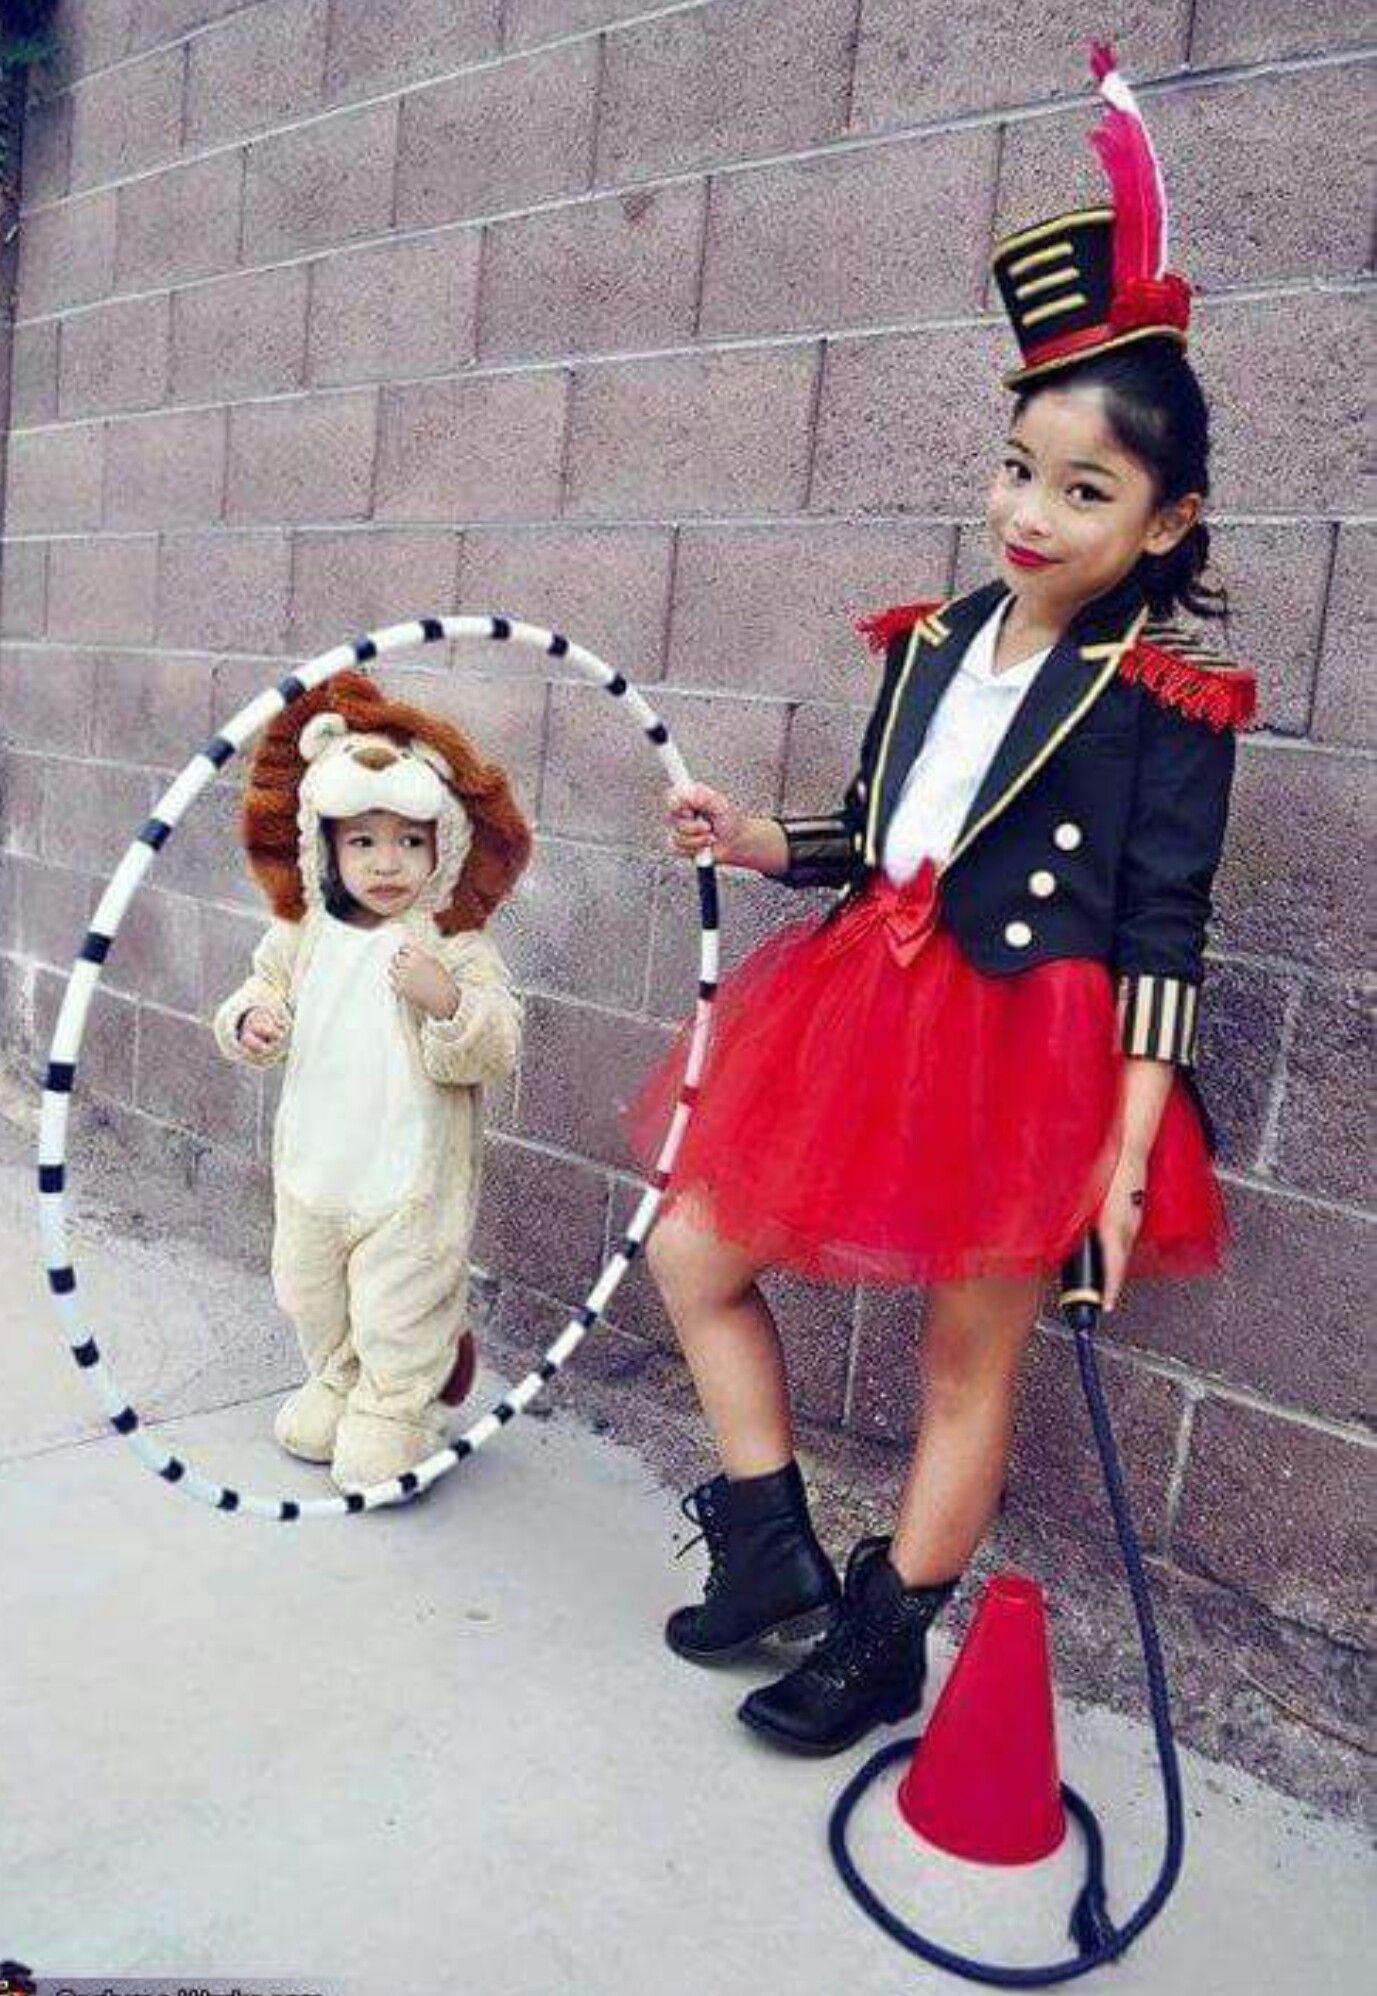 Pingl par velasco aranda sur hallows eve pinterest d guisements id es de d guisement et - Idee deguisement enfant ...